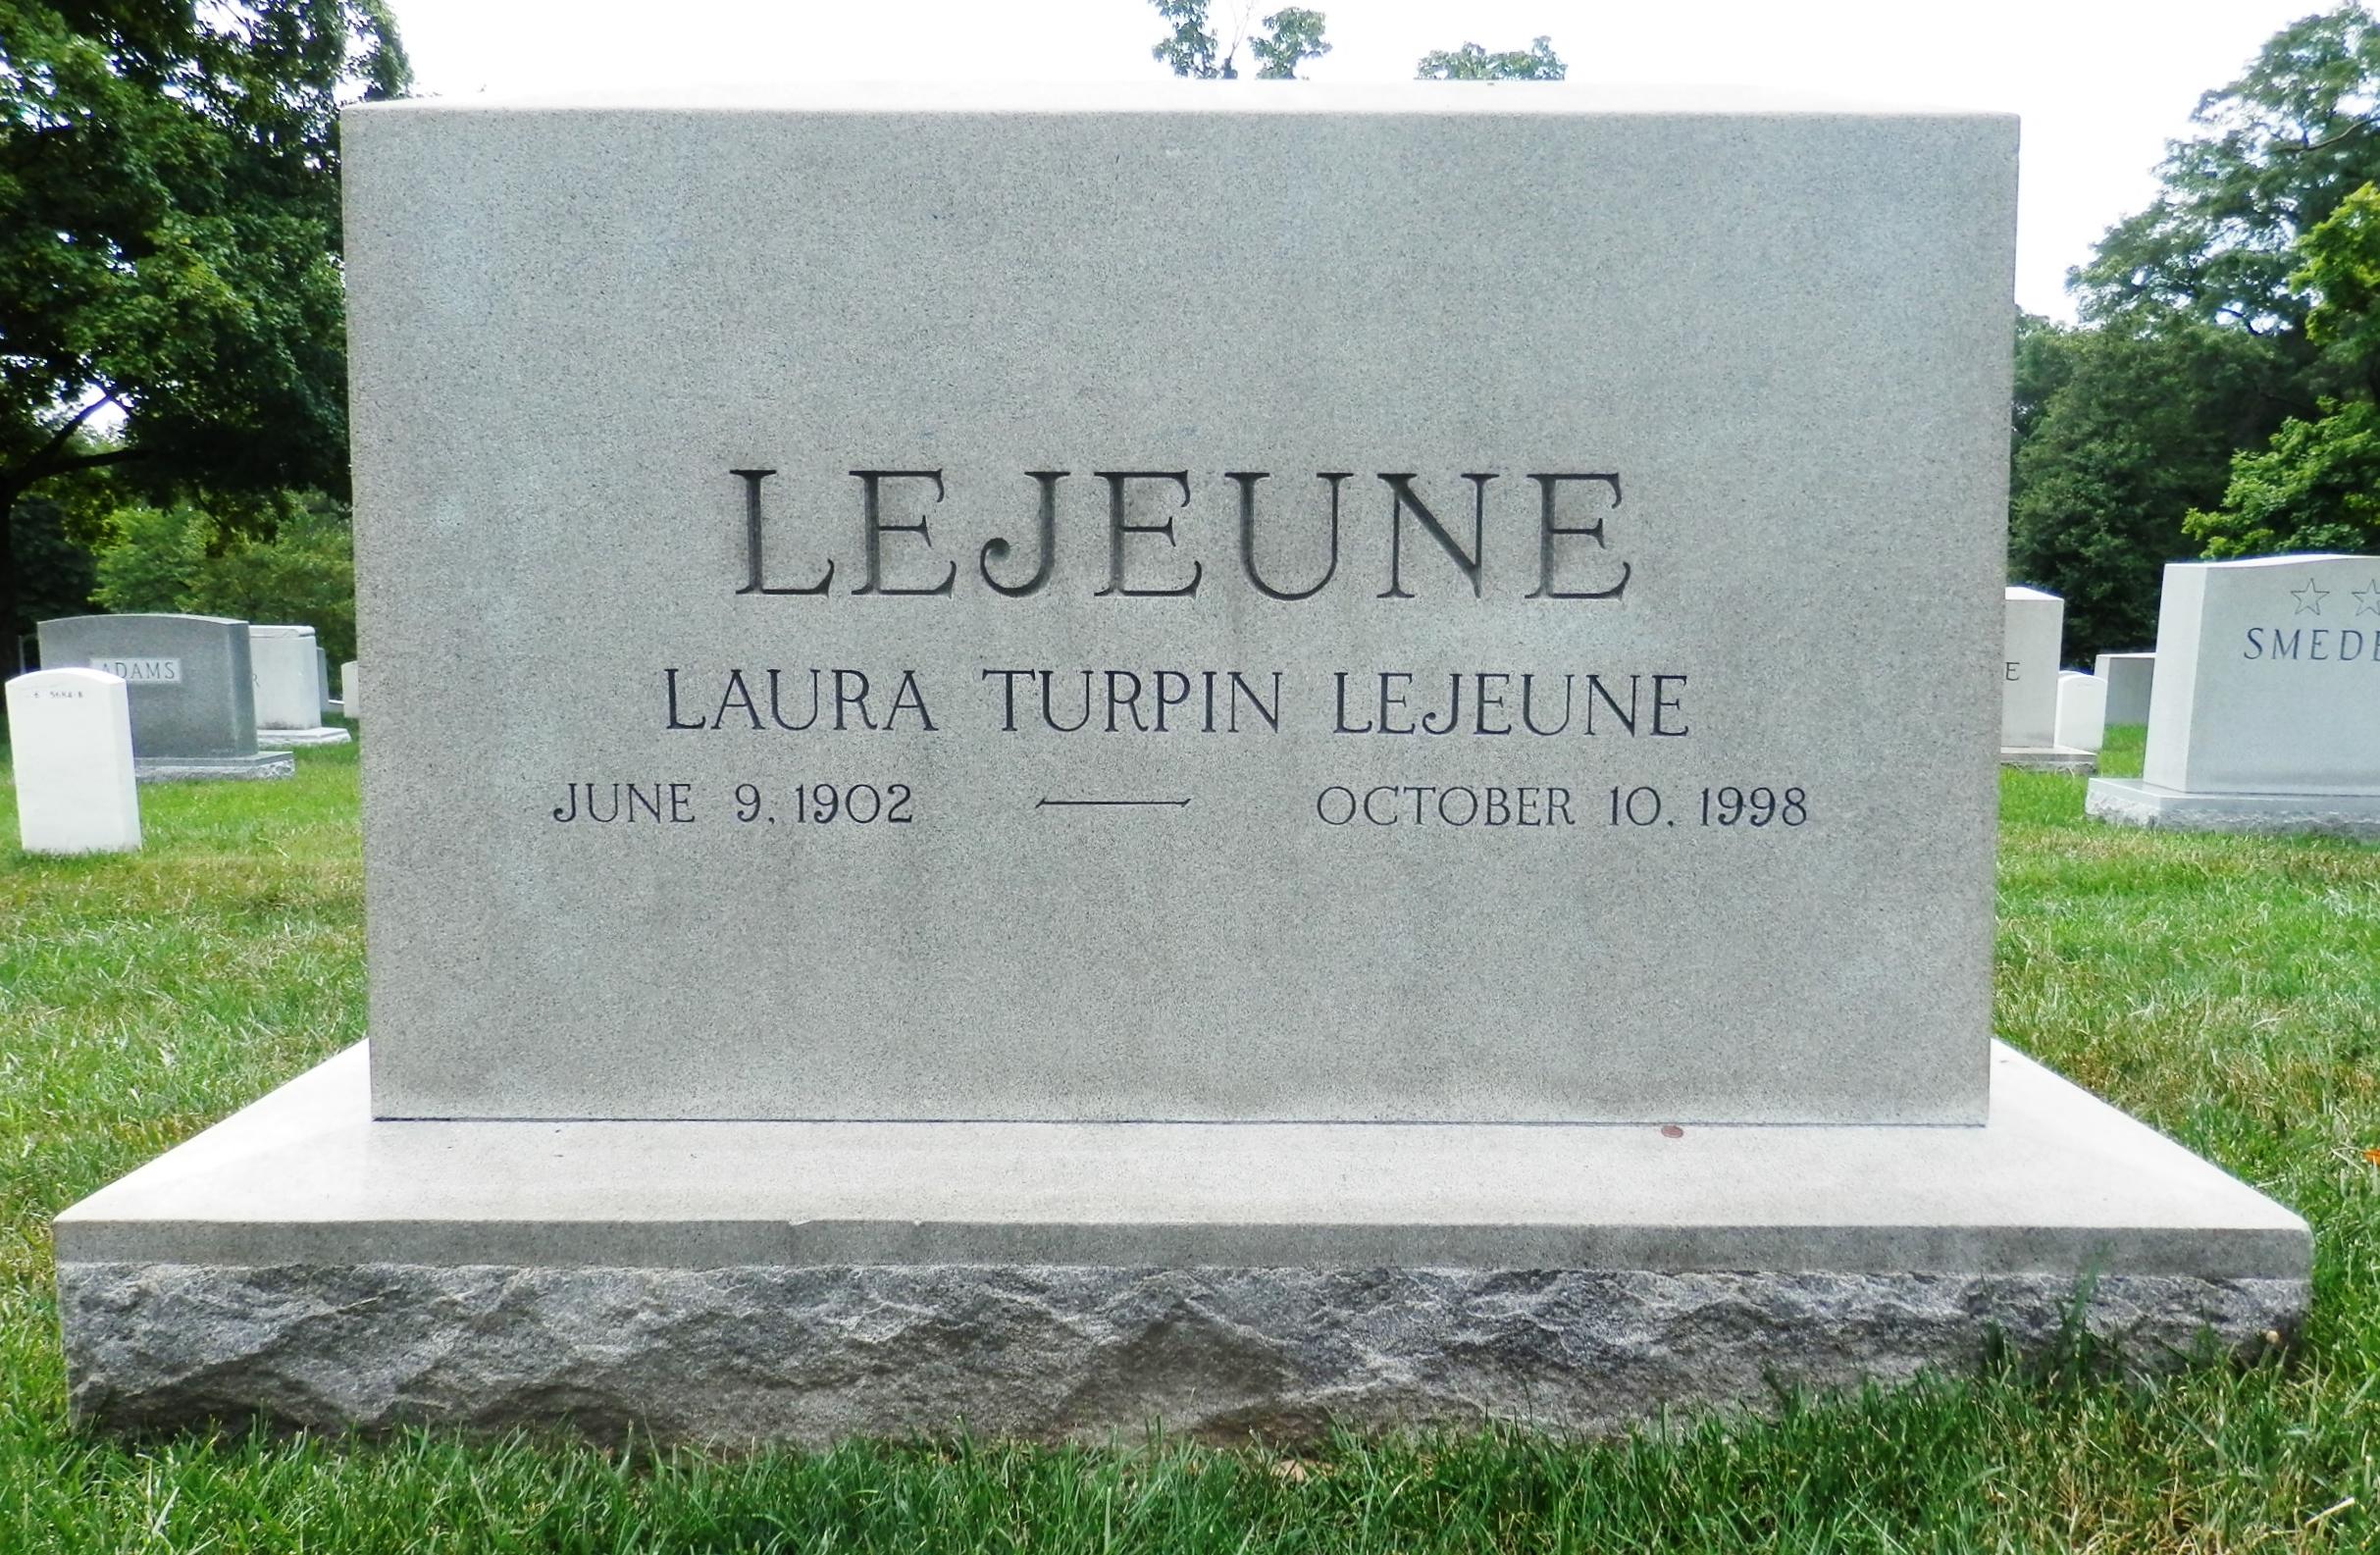 Laura Turpin Lejeune